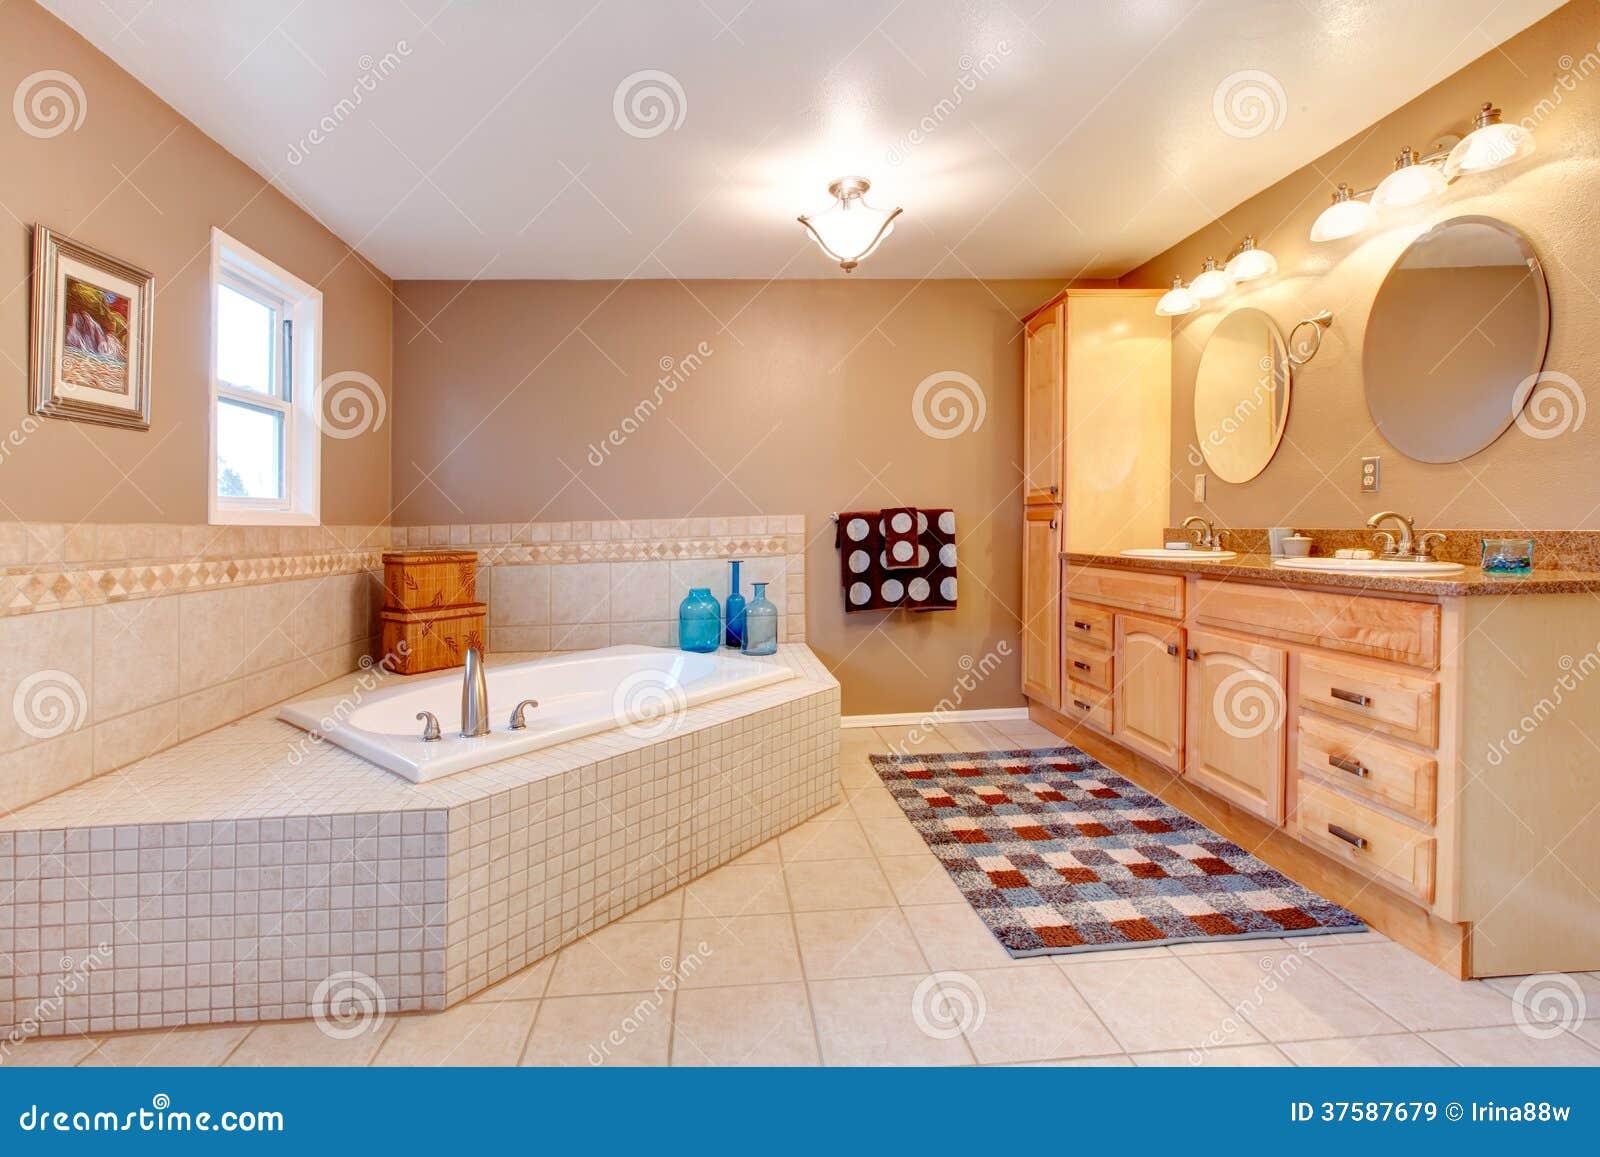 Grande Banheiro Bege E Branco Imagens de Stock Royalty Free Imagem  #873D1F 1300x957 Banheiro Branco Ou Bege